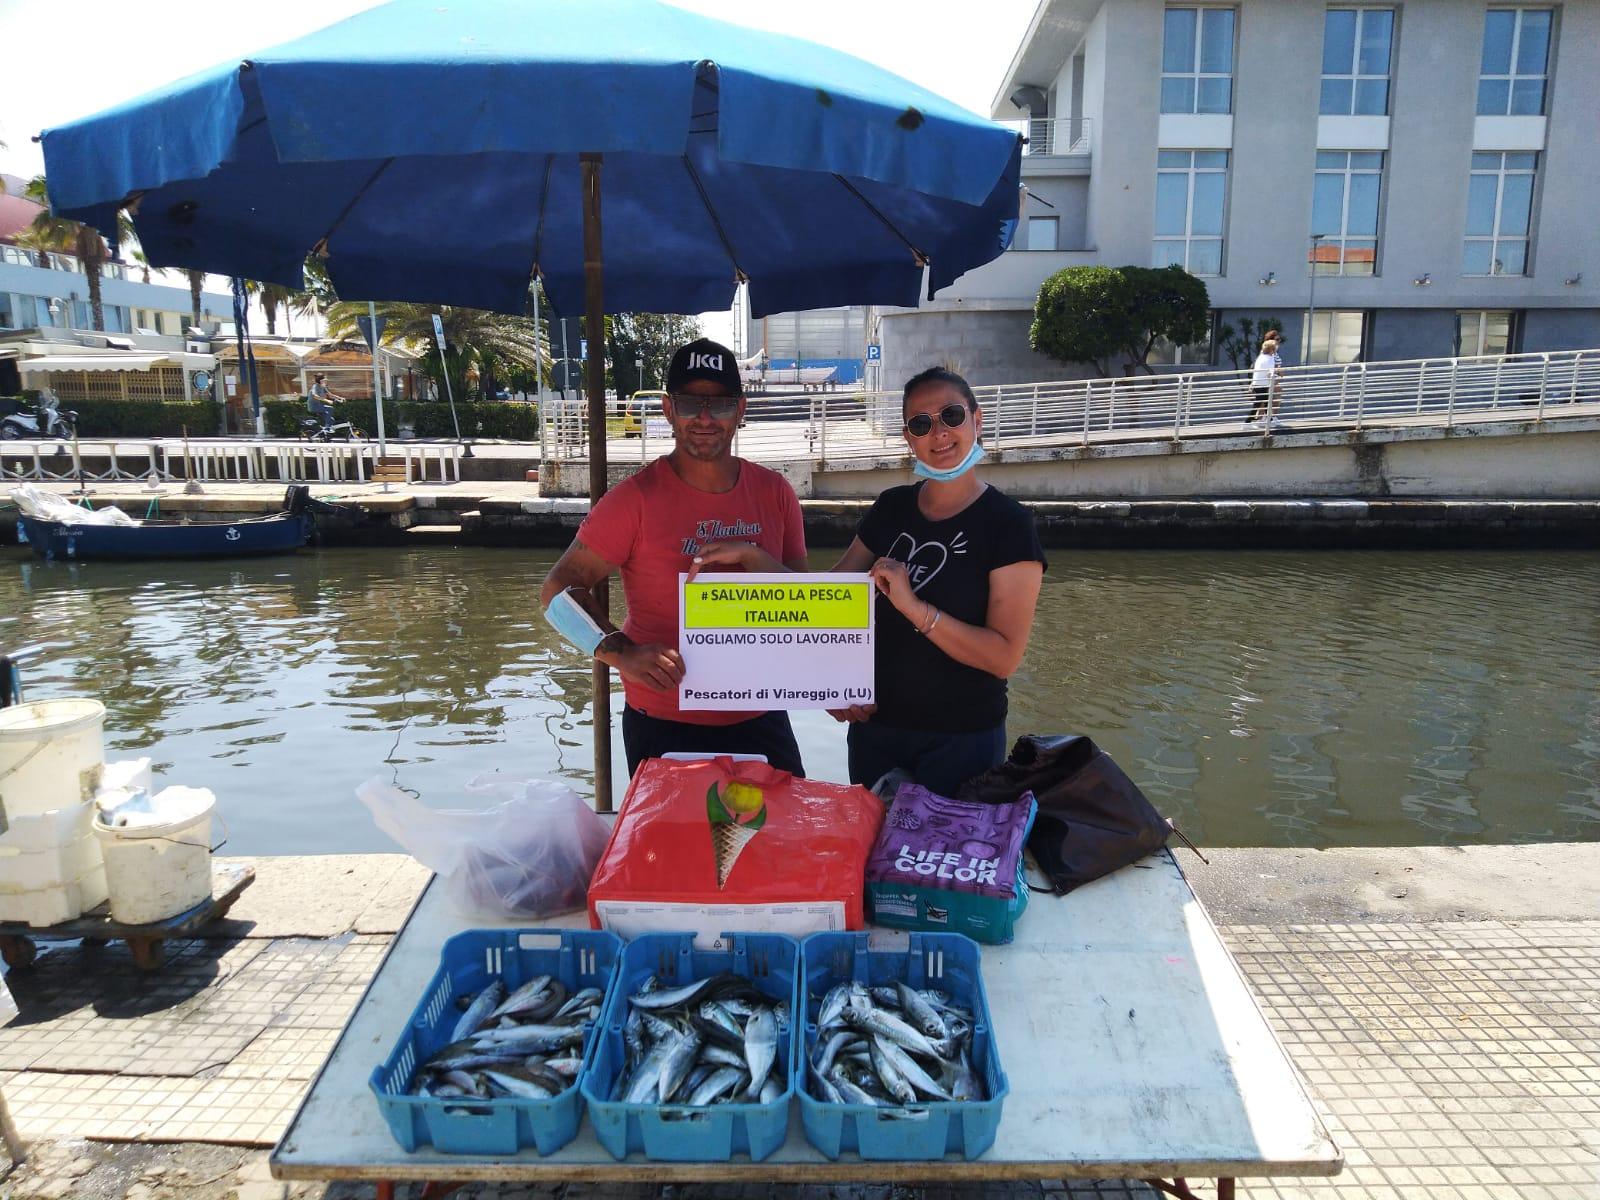 Pesca-le-cooperative-toscane-aderiscono-alla-protesta-nazionale-Salviamolapesca